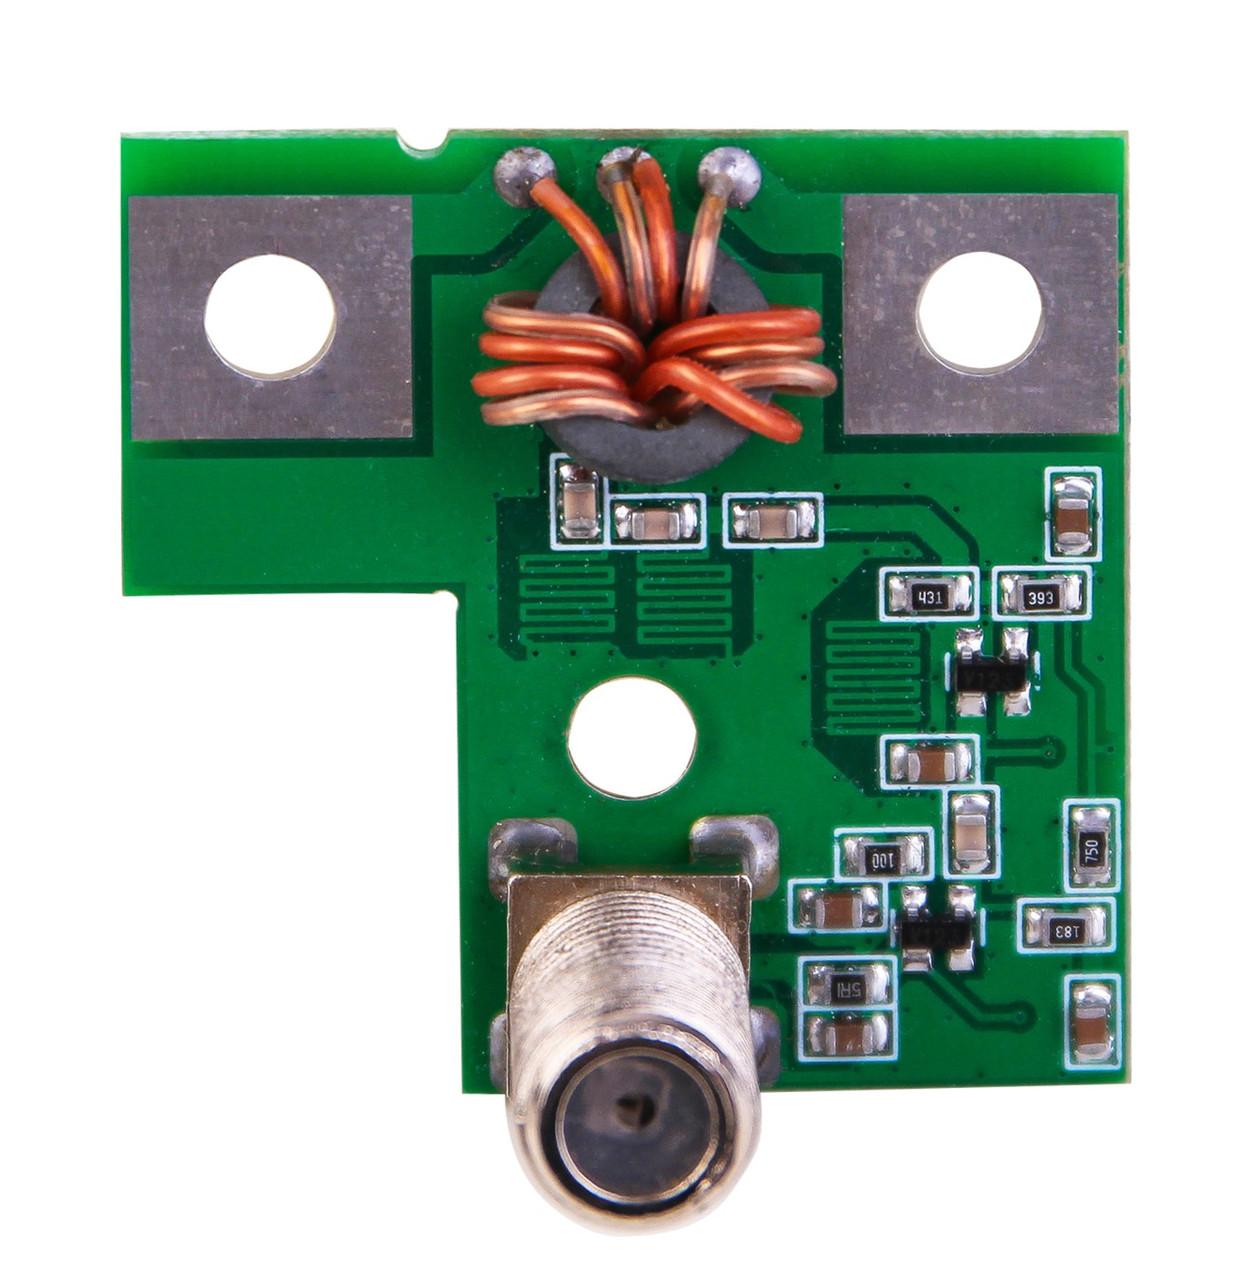 """Підсилювач NRG 9999 - 30-32 dB живлення 5V """"ЕНЕРГІЯ"""""""